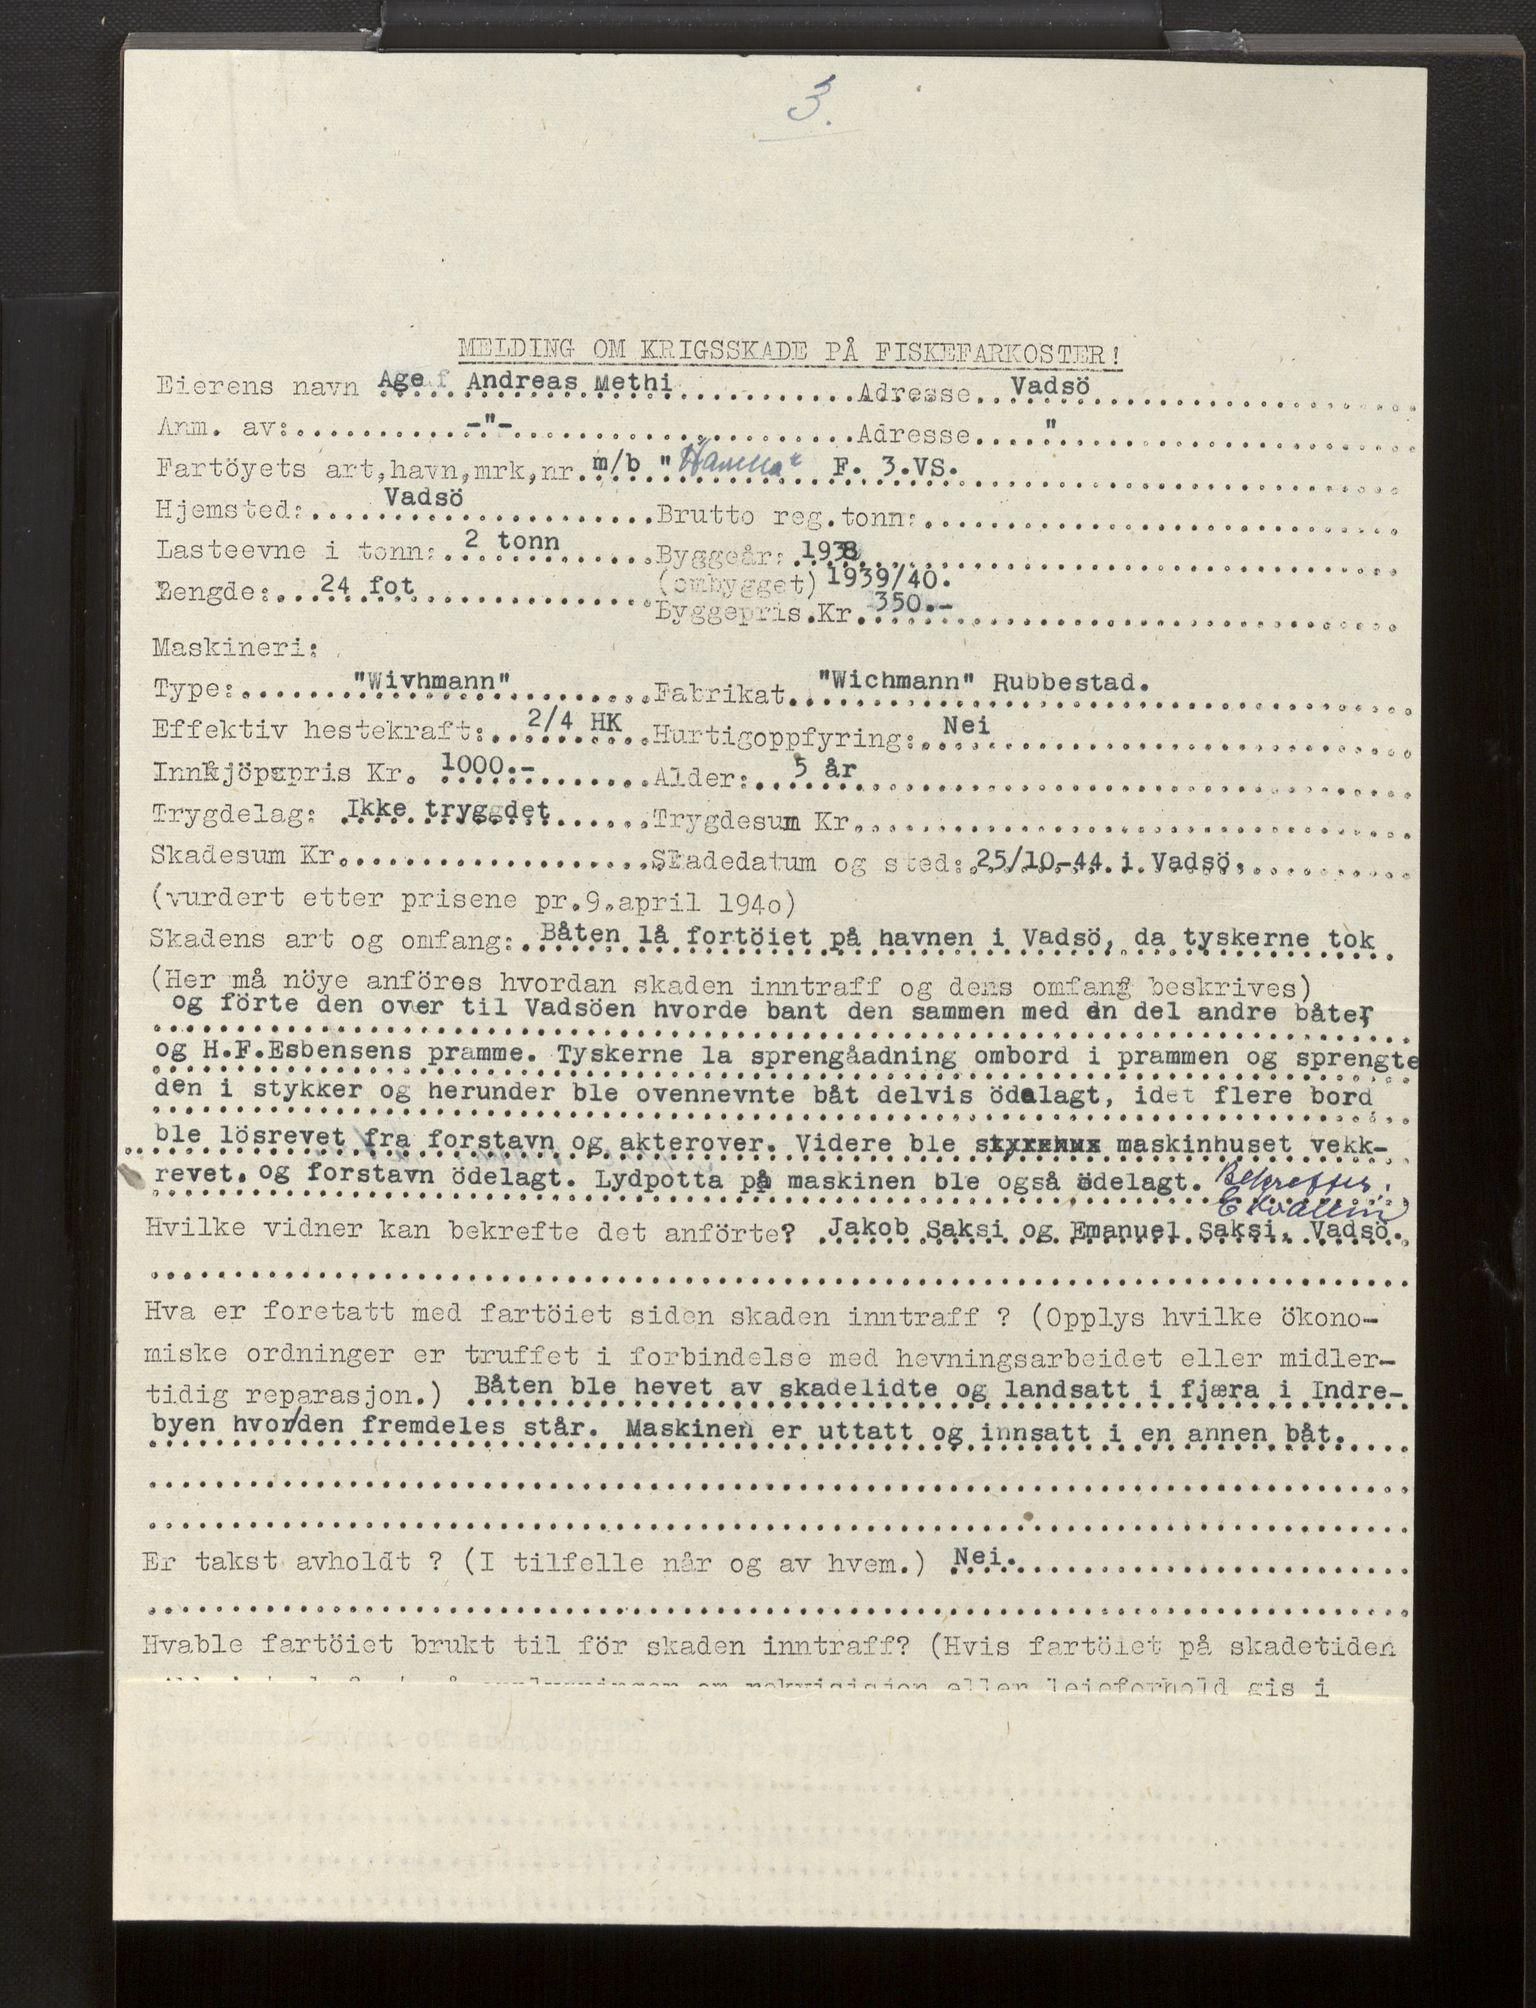 SAB, Fiskeridirektoratet - 1 Adm. ledelse - 13 Båtkontoret, La/L0042: Statens krigsforsikring for fiskeflåten, 1936-1971, s. 440